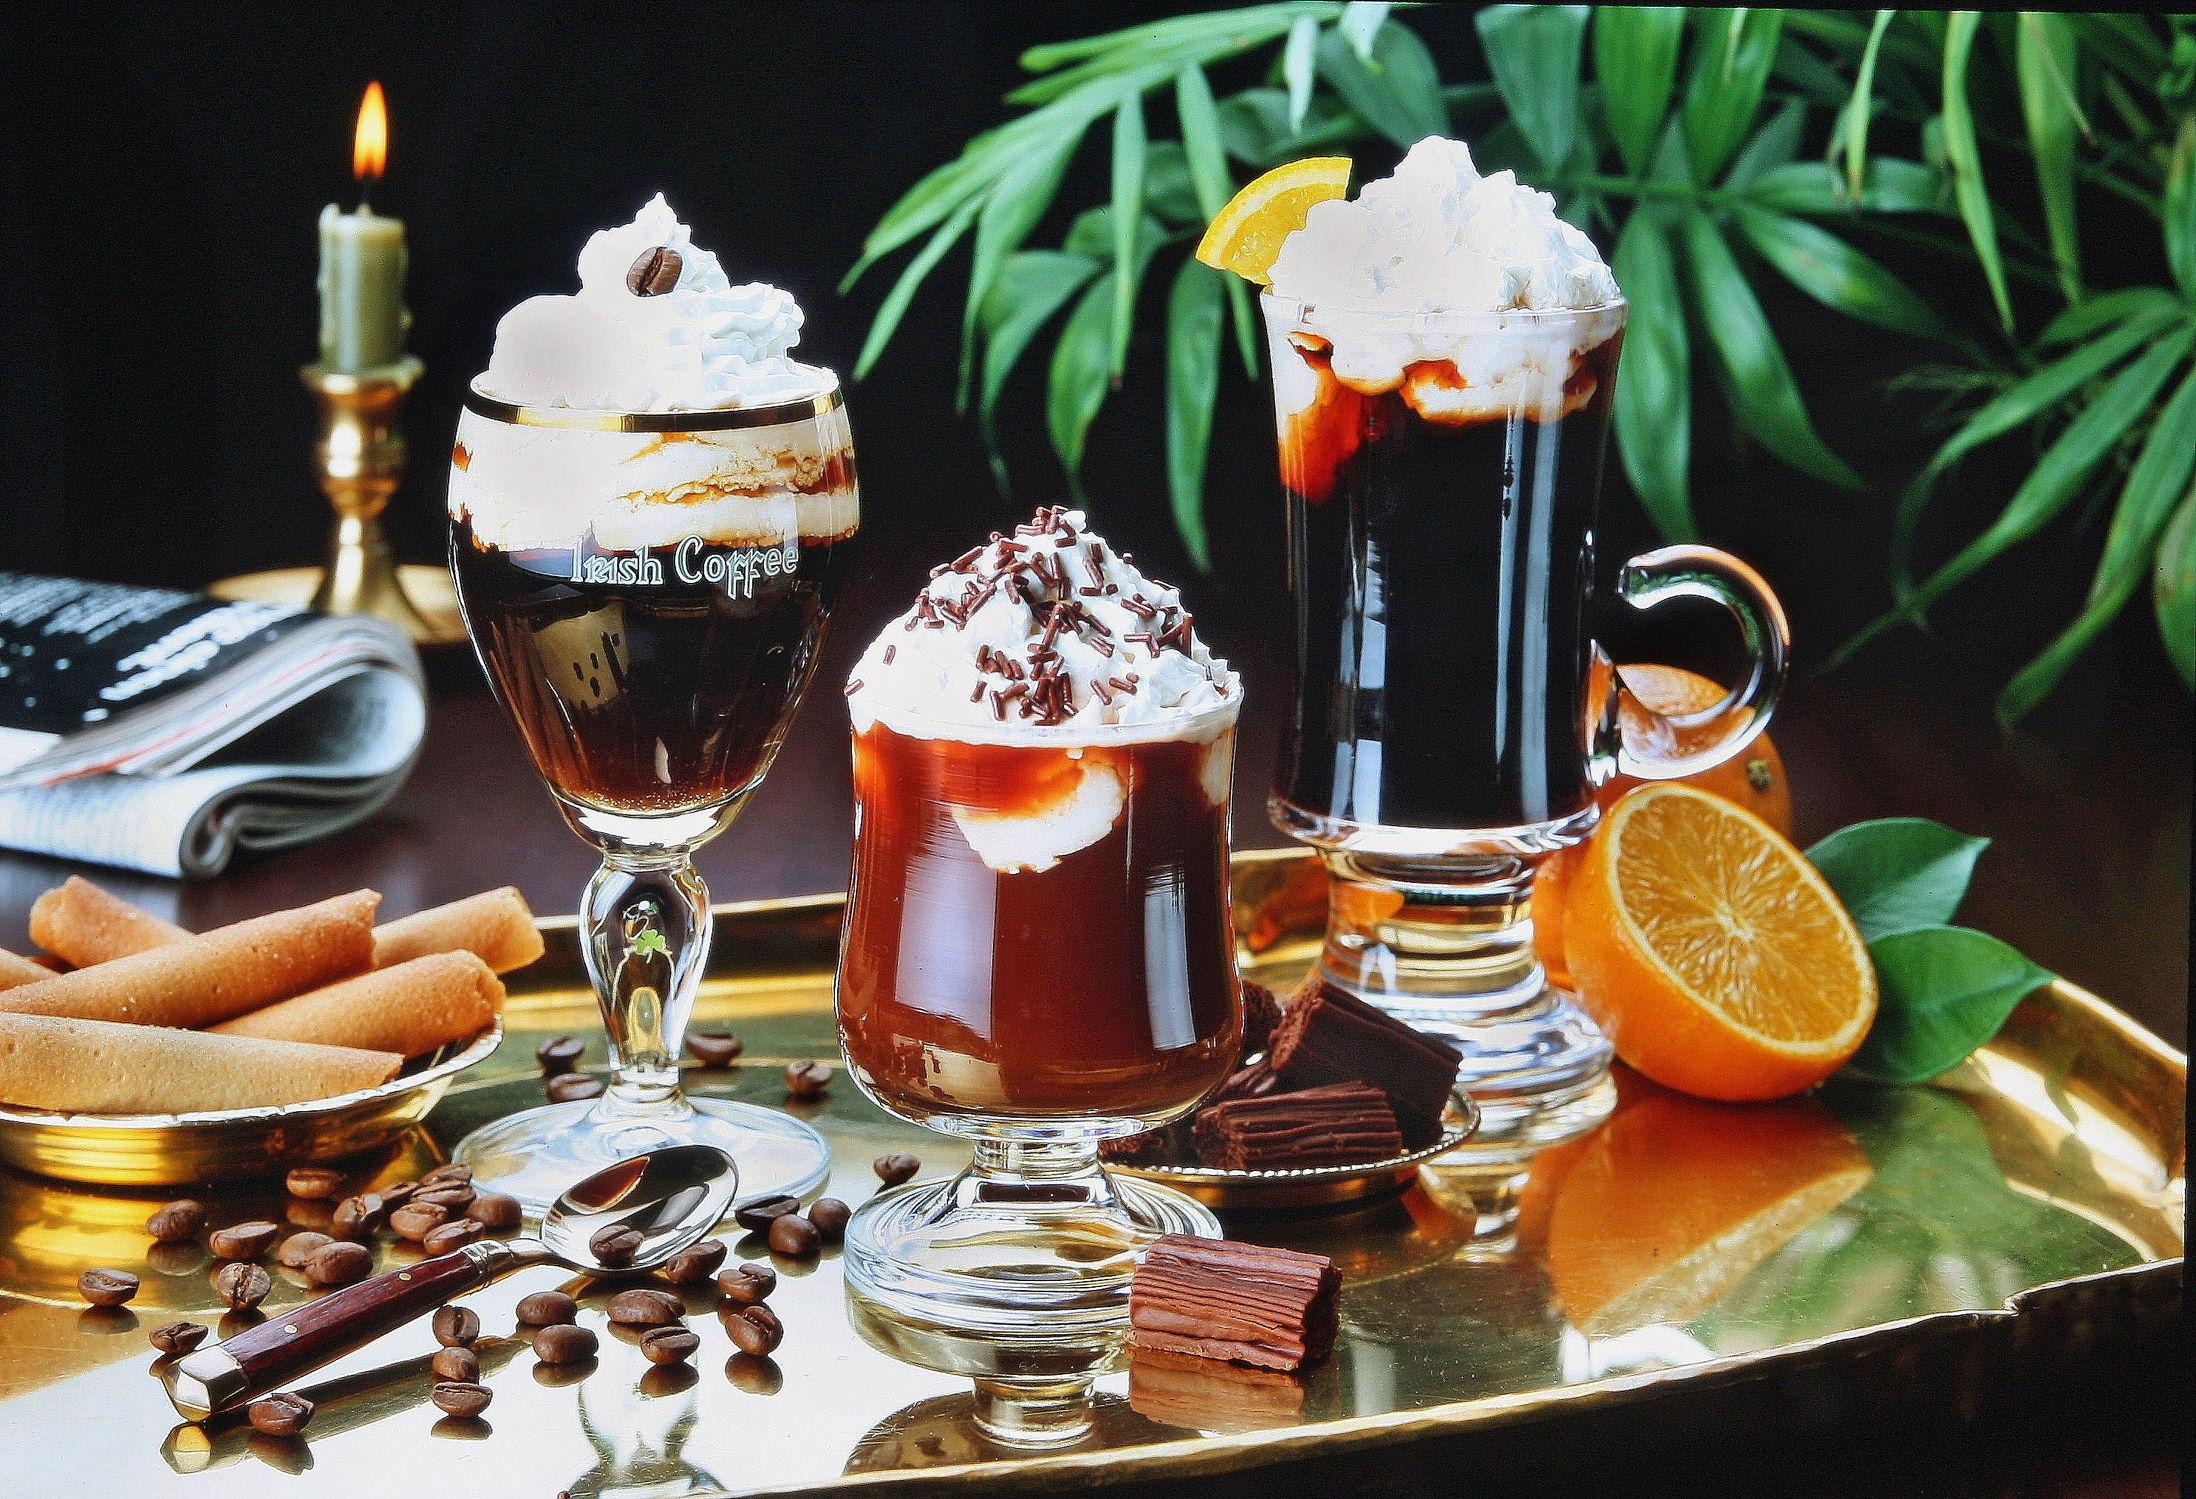 Bild mit Getränke, Retro, VINTAGE, KITCHEN, KITCHEN, aroma, cafe, coffeetime, geröstet, Getränk, Heißgetränk, kaffee, kaffeebohne, kaffeebohnen, kaffeeduft, kaffeetasse, kaffeetassen, kaffezeit, tassen, ungemahlen, kaffe, Cappuccino, Mokka, Espresso, Küche, Küchen, irish, irish coffee